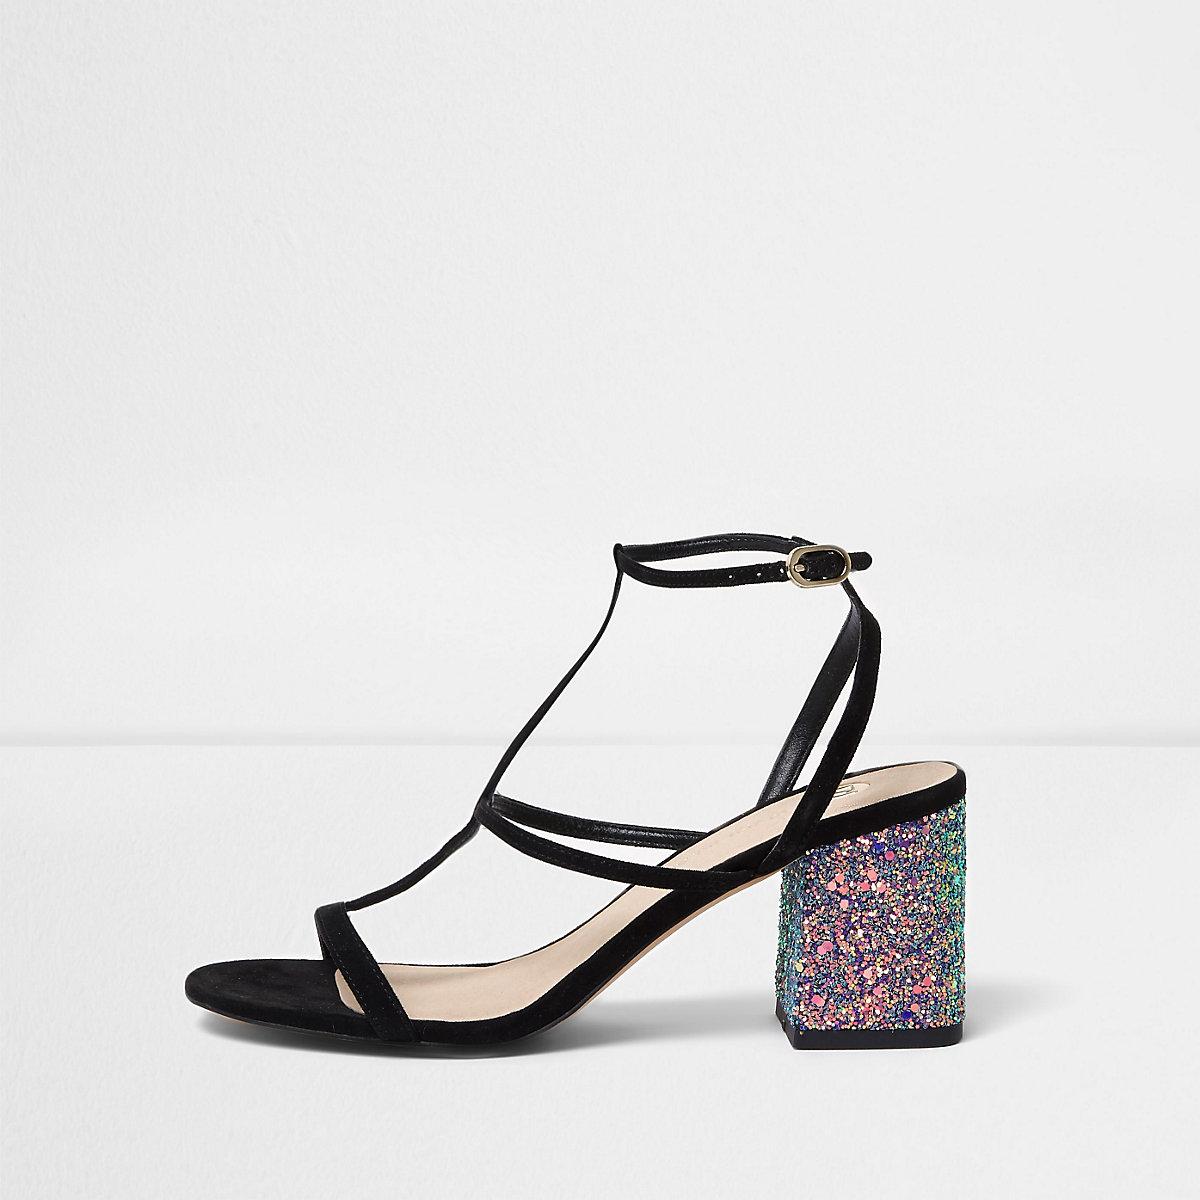 c3f442e288743 Sandales effet cage noires pailletées à talons carrés - Chaussures ...